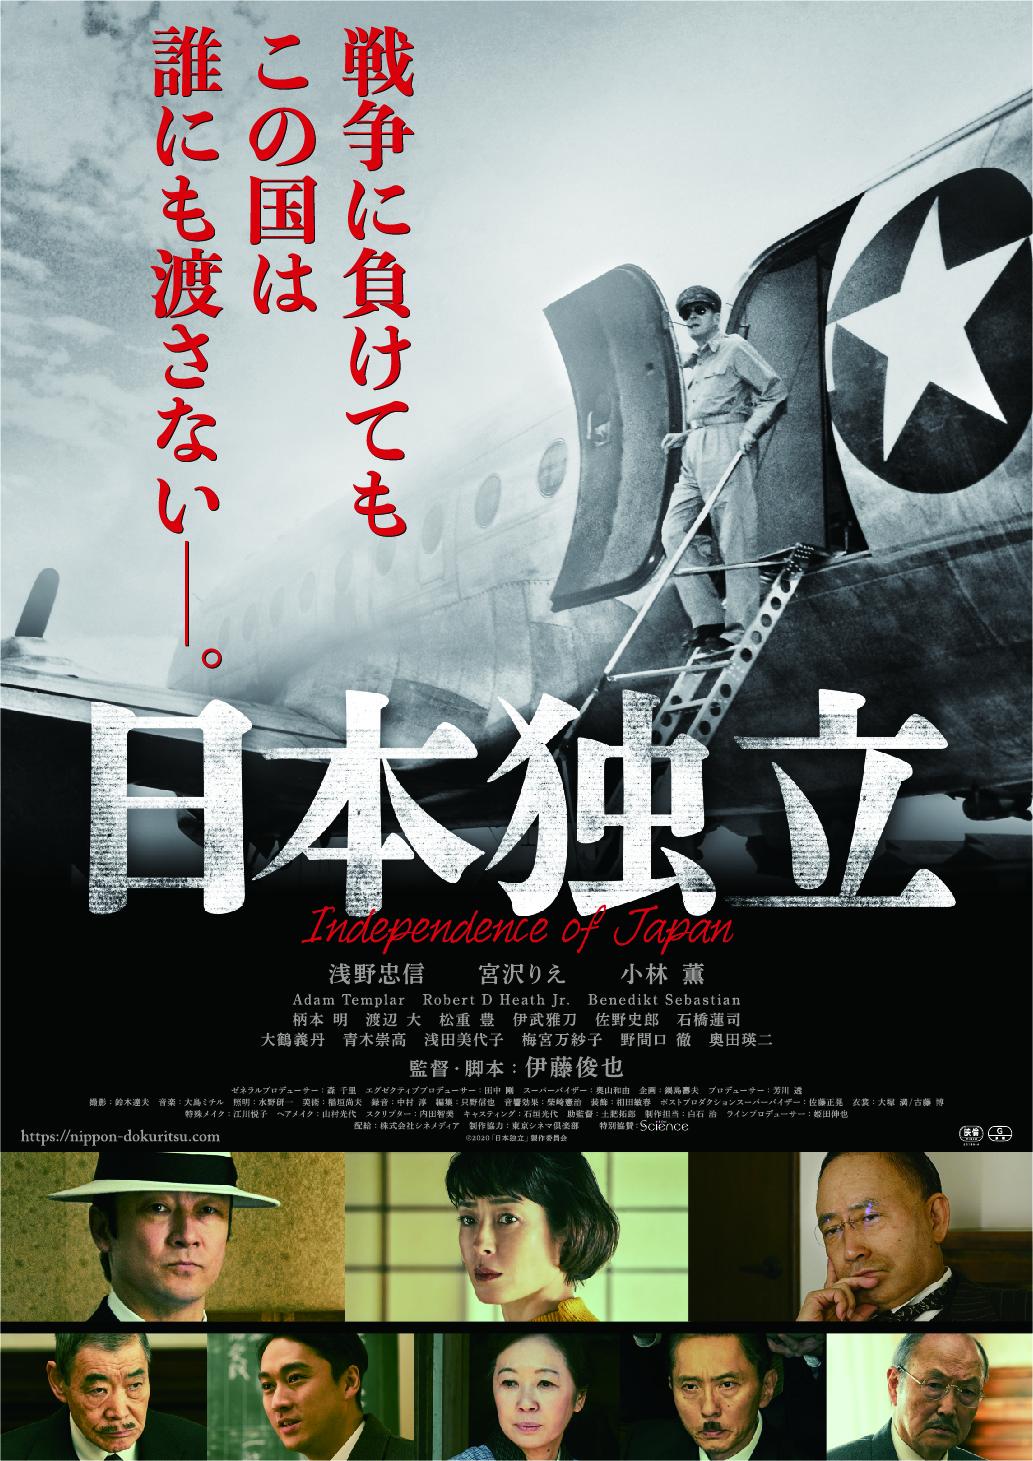 12月18日公開『日本独立』